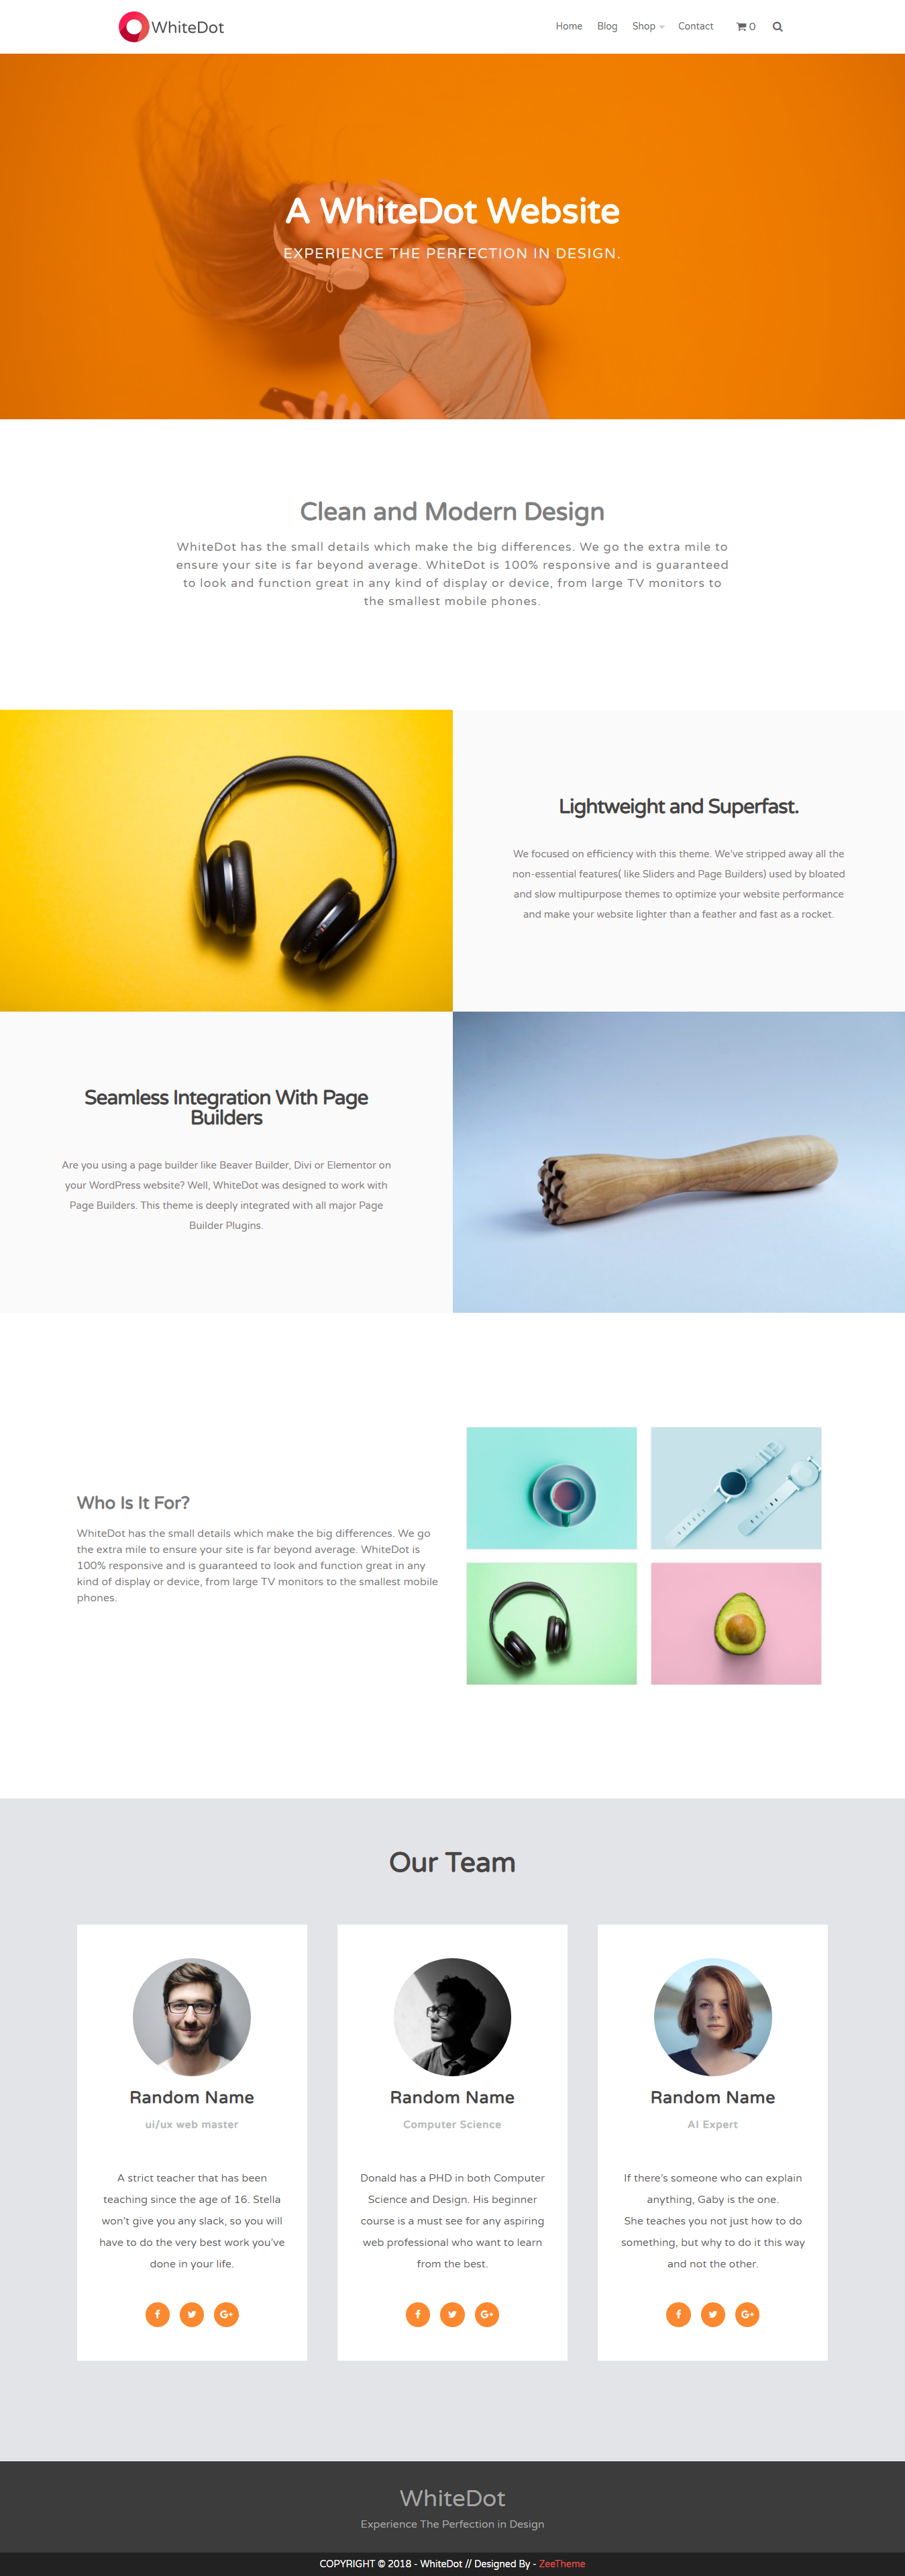 WhiteDot - Best Free BuddyPress WordPress Theme